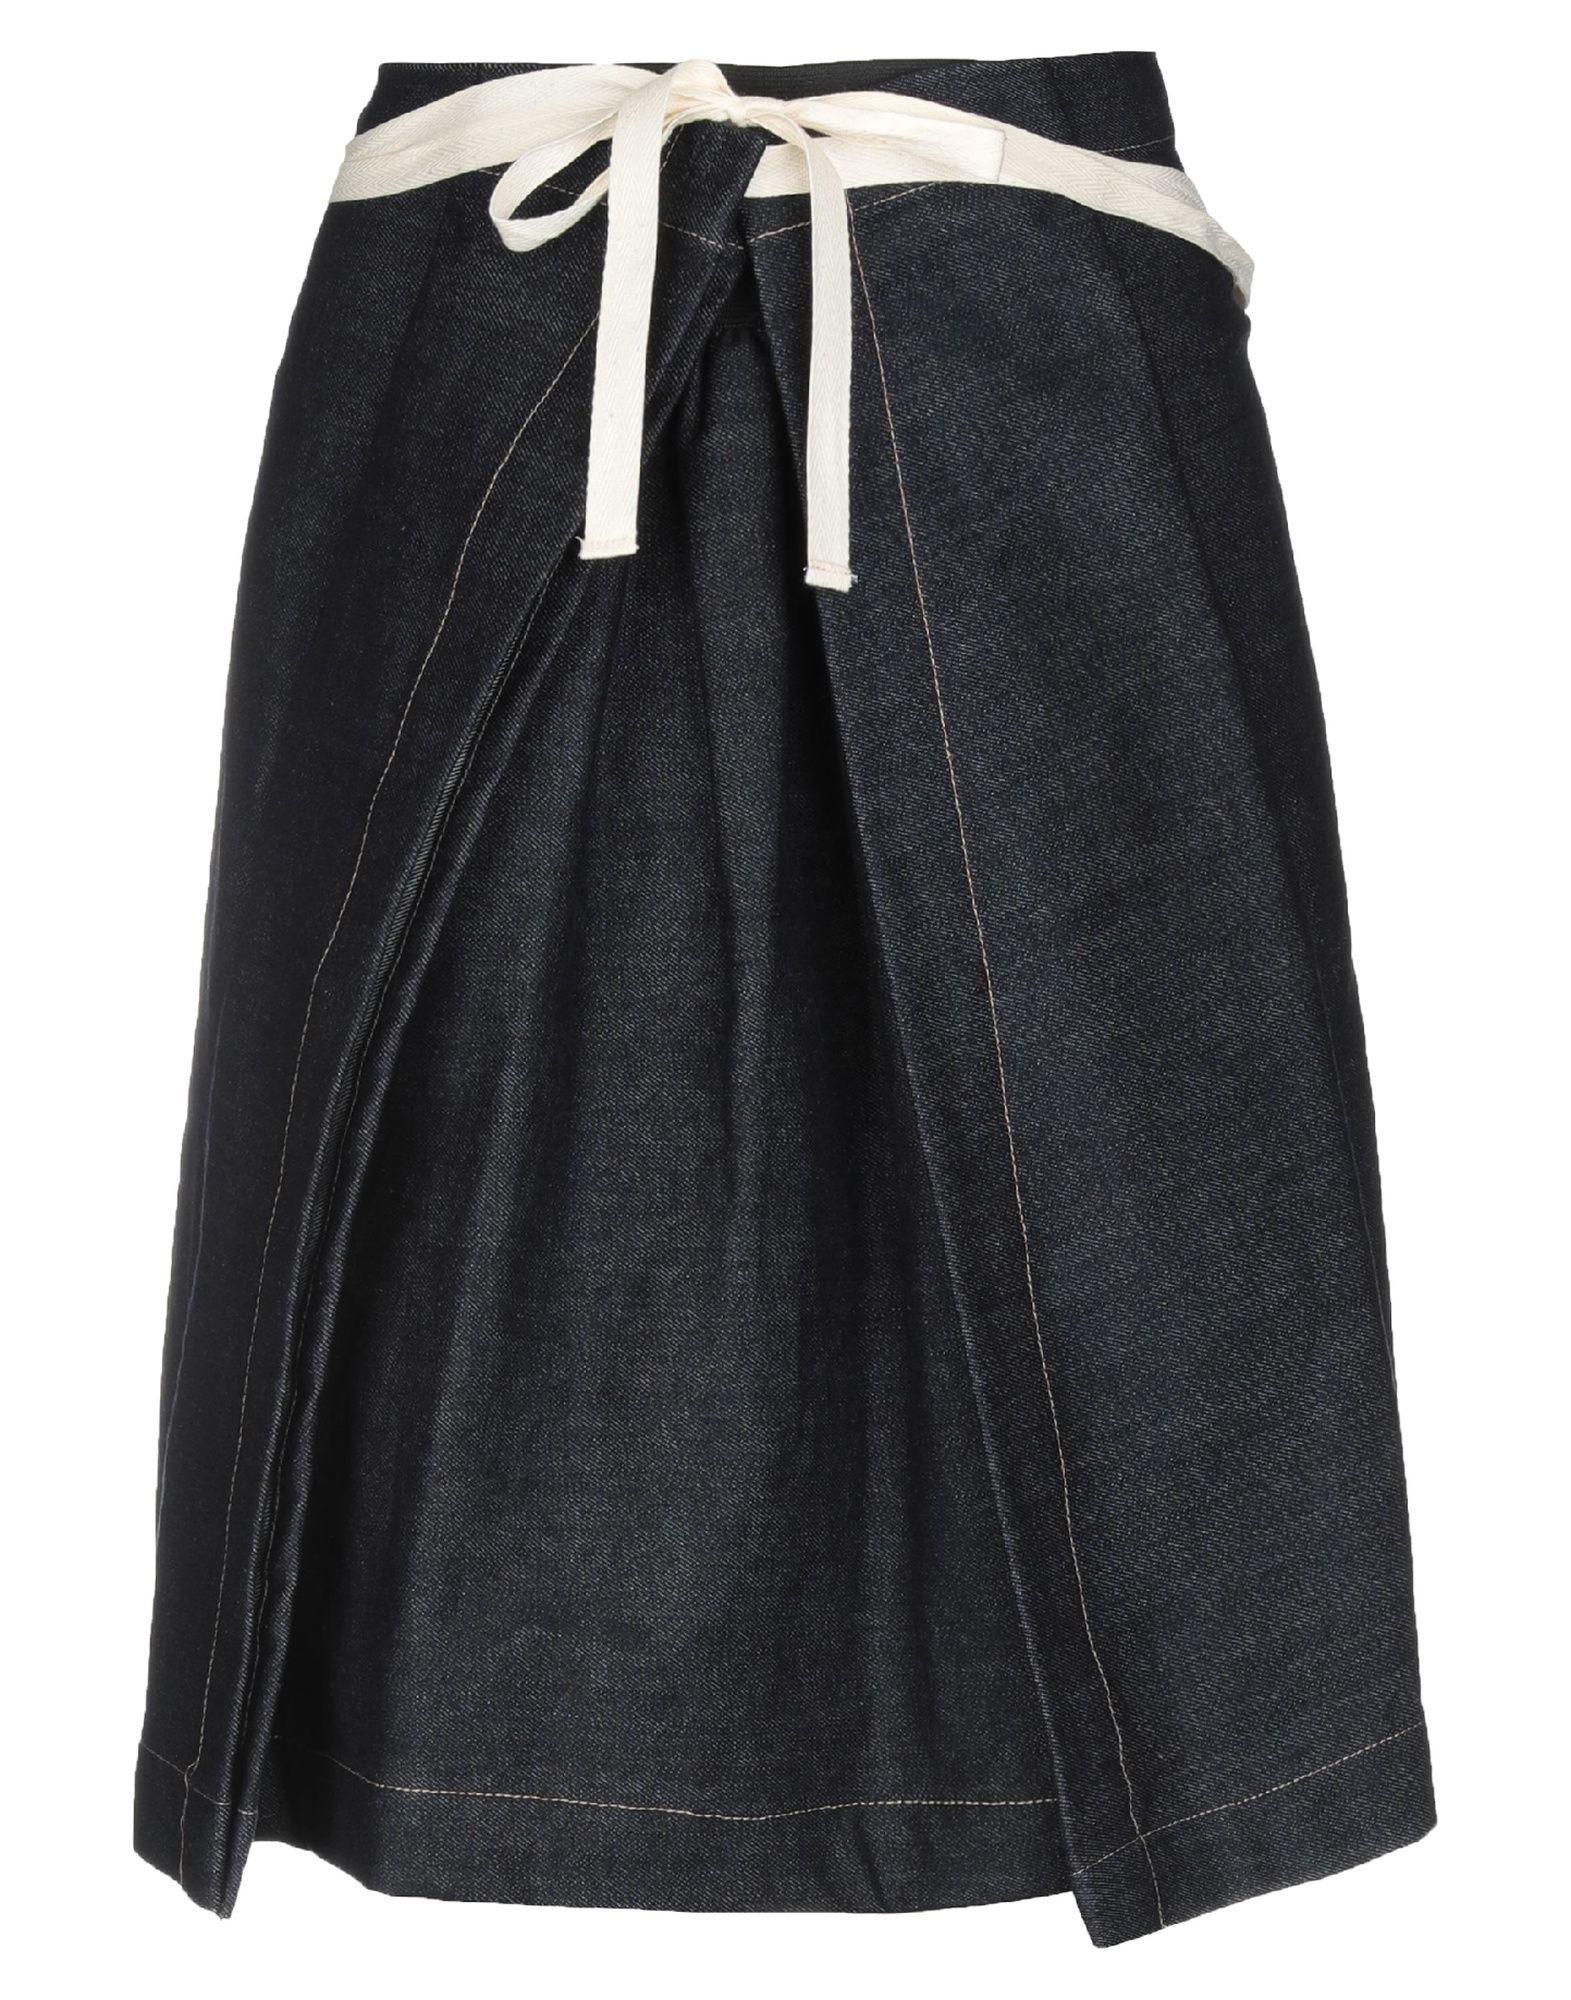 VIRGINIA BIZZI Джинсовая юбка vinemo vorneoco корейская версия высокой талии слот пакет юбка джинсовая юбка юбка юбка r1540 серый xl